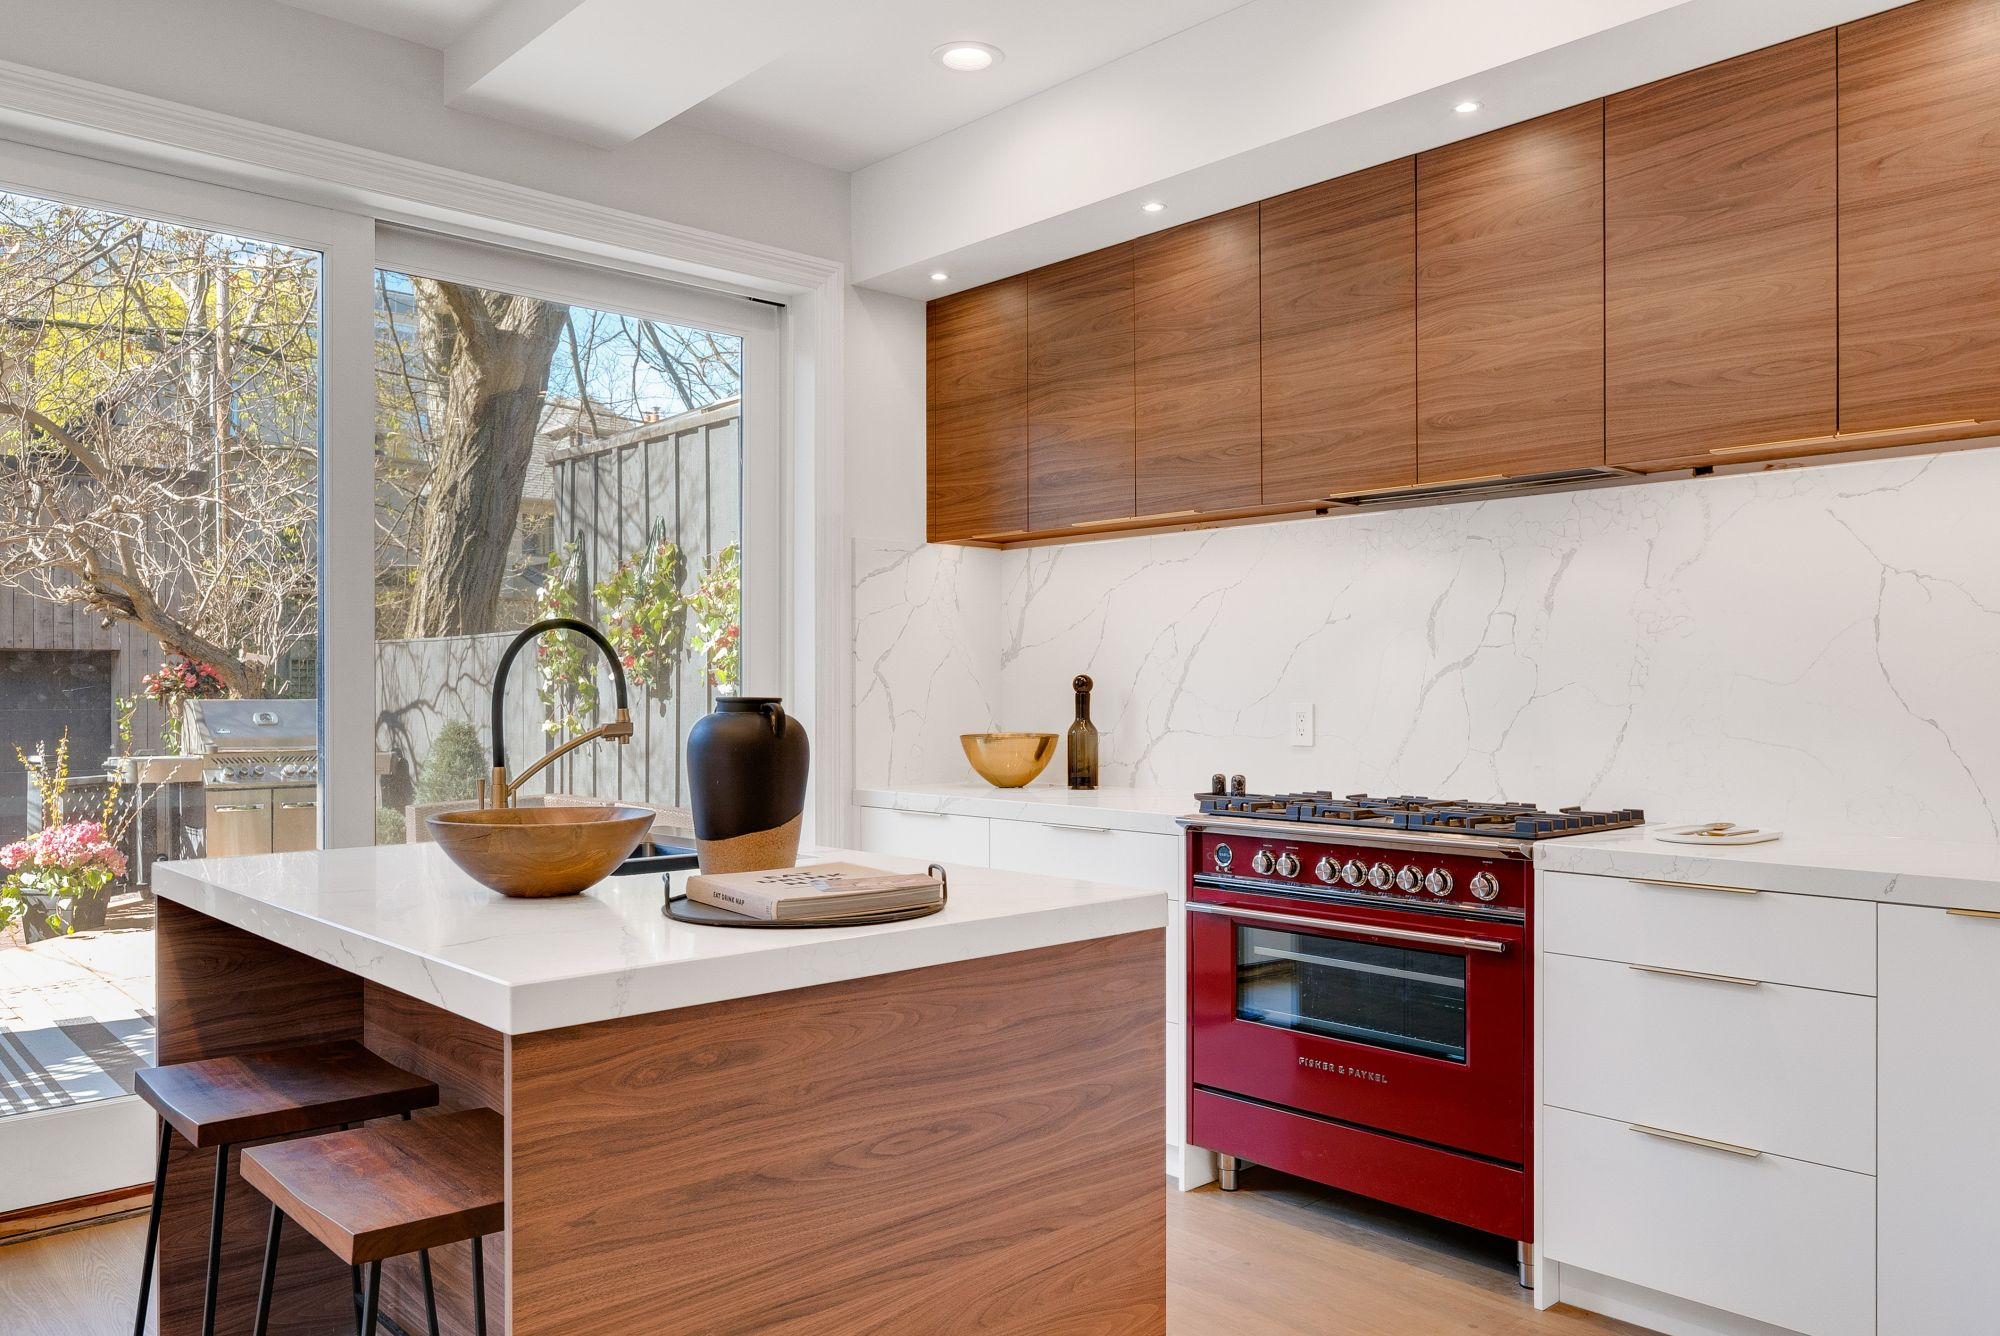 Vetrate scorrevoli in una cucina con vista giardino